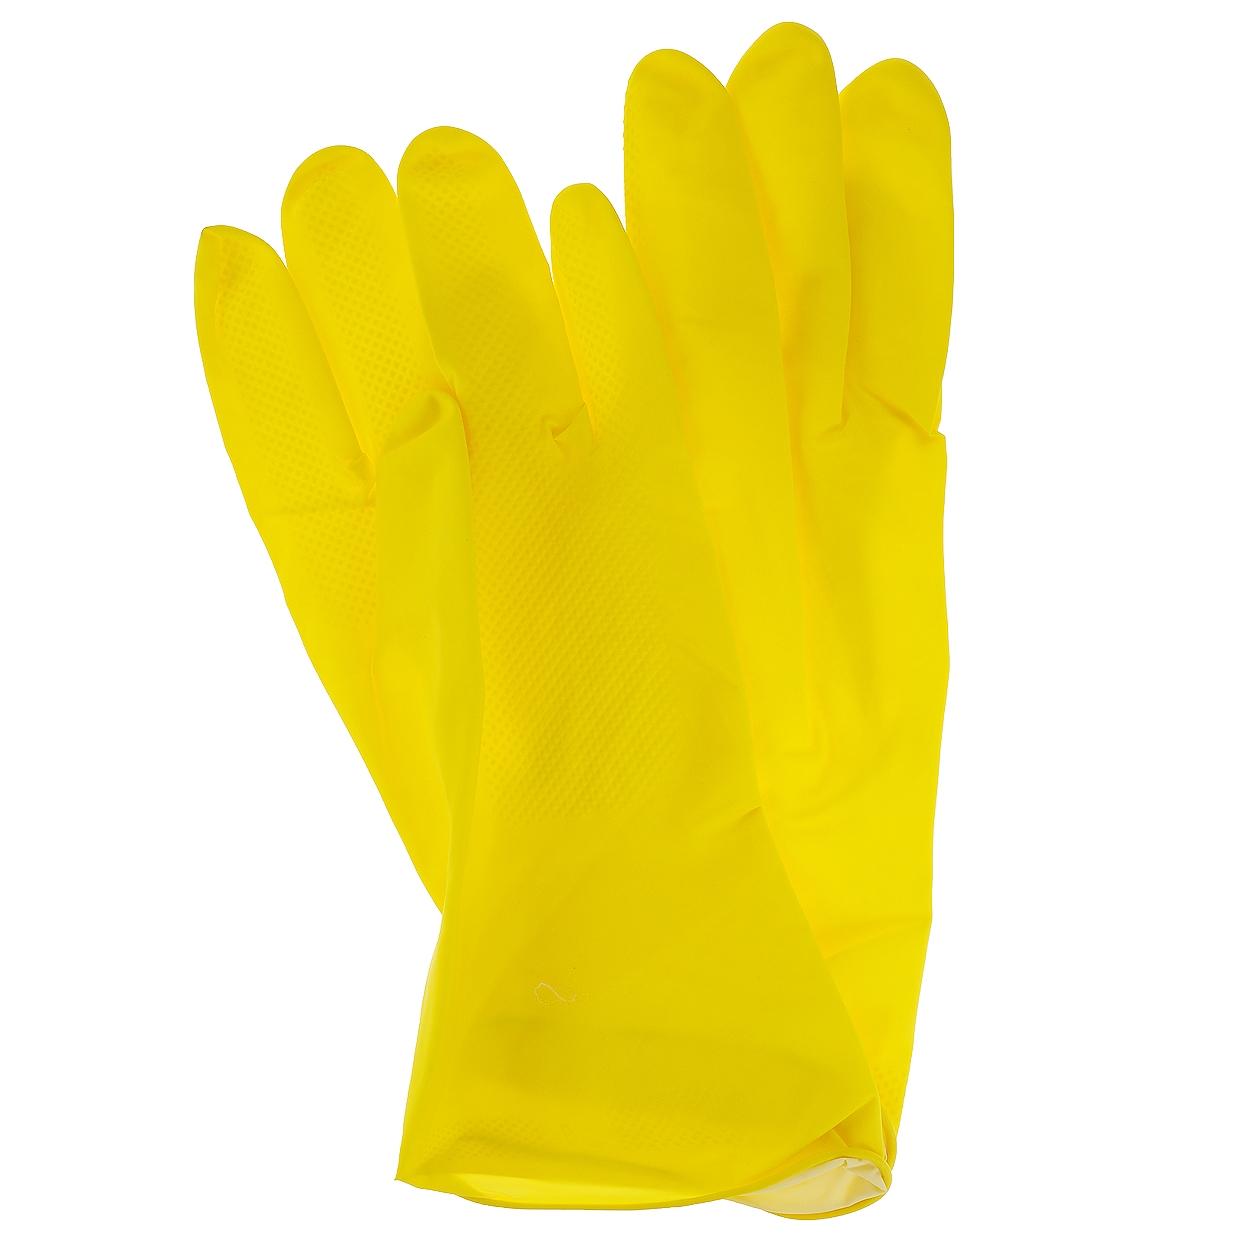 Перчатки резиновые, 1 пара, размер M, желтые, с х/б напылением